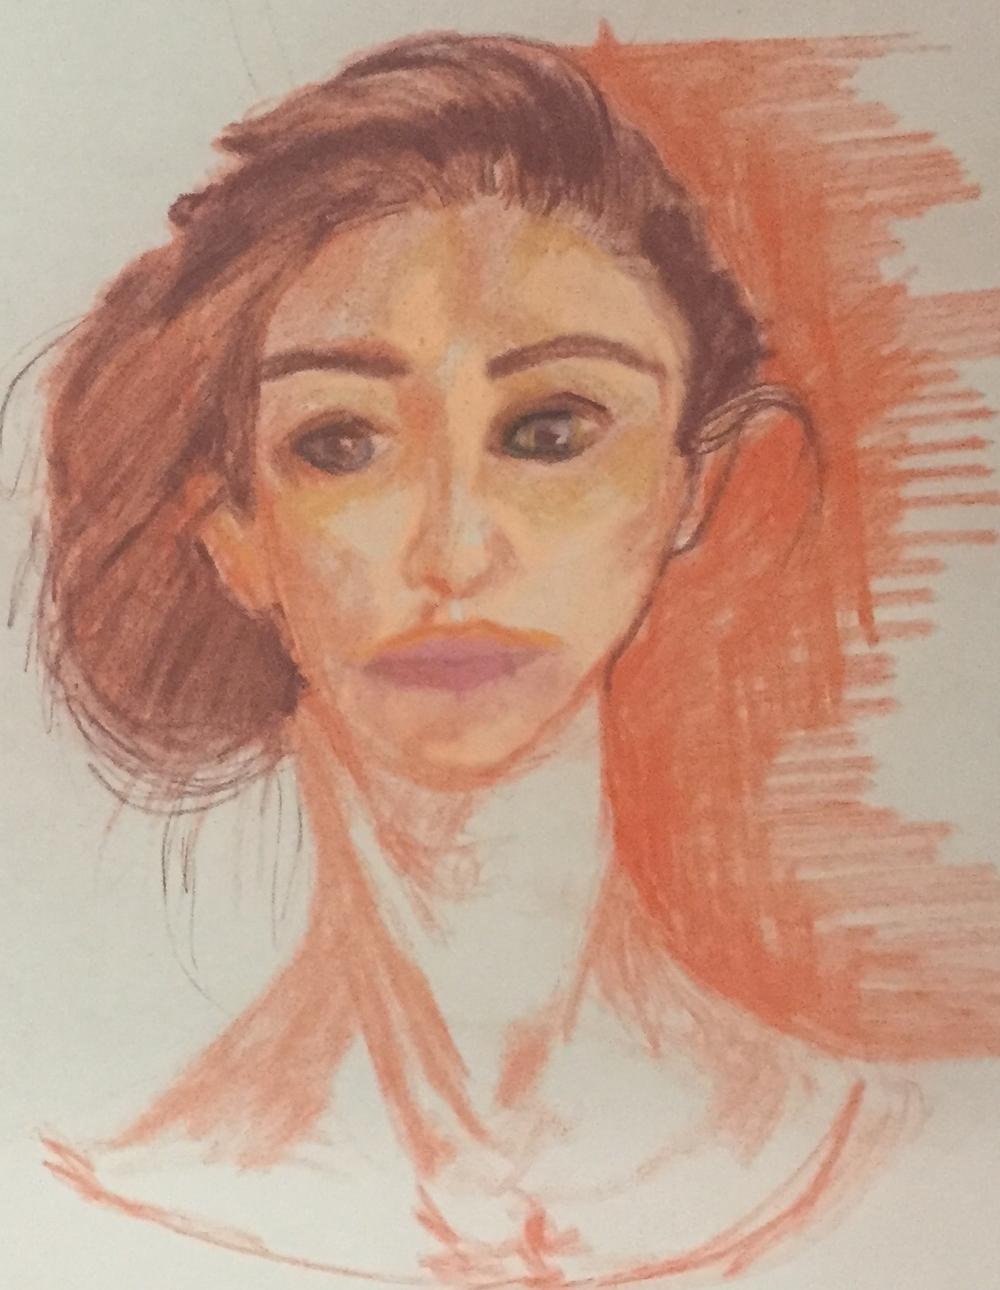 Self-Portrait, Conte Crayon, Spring 2015